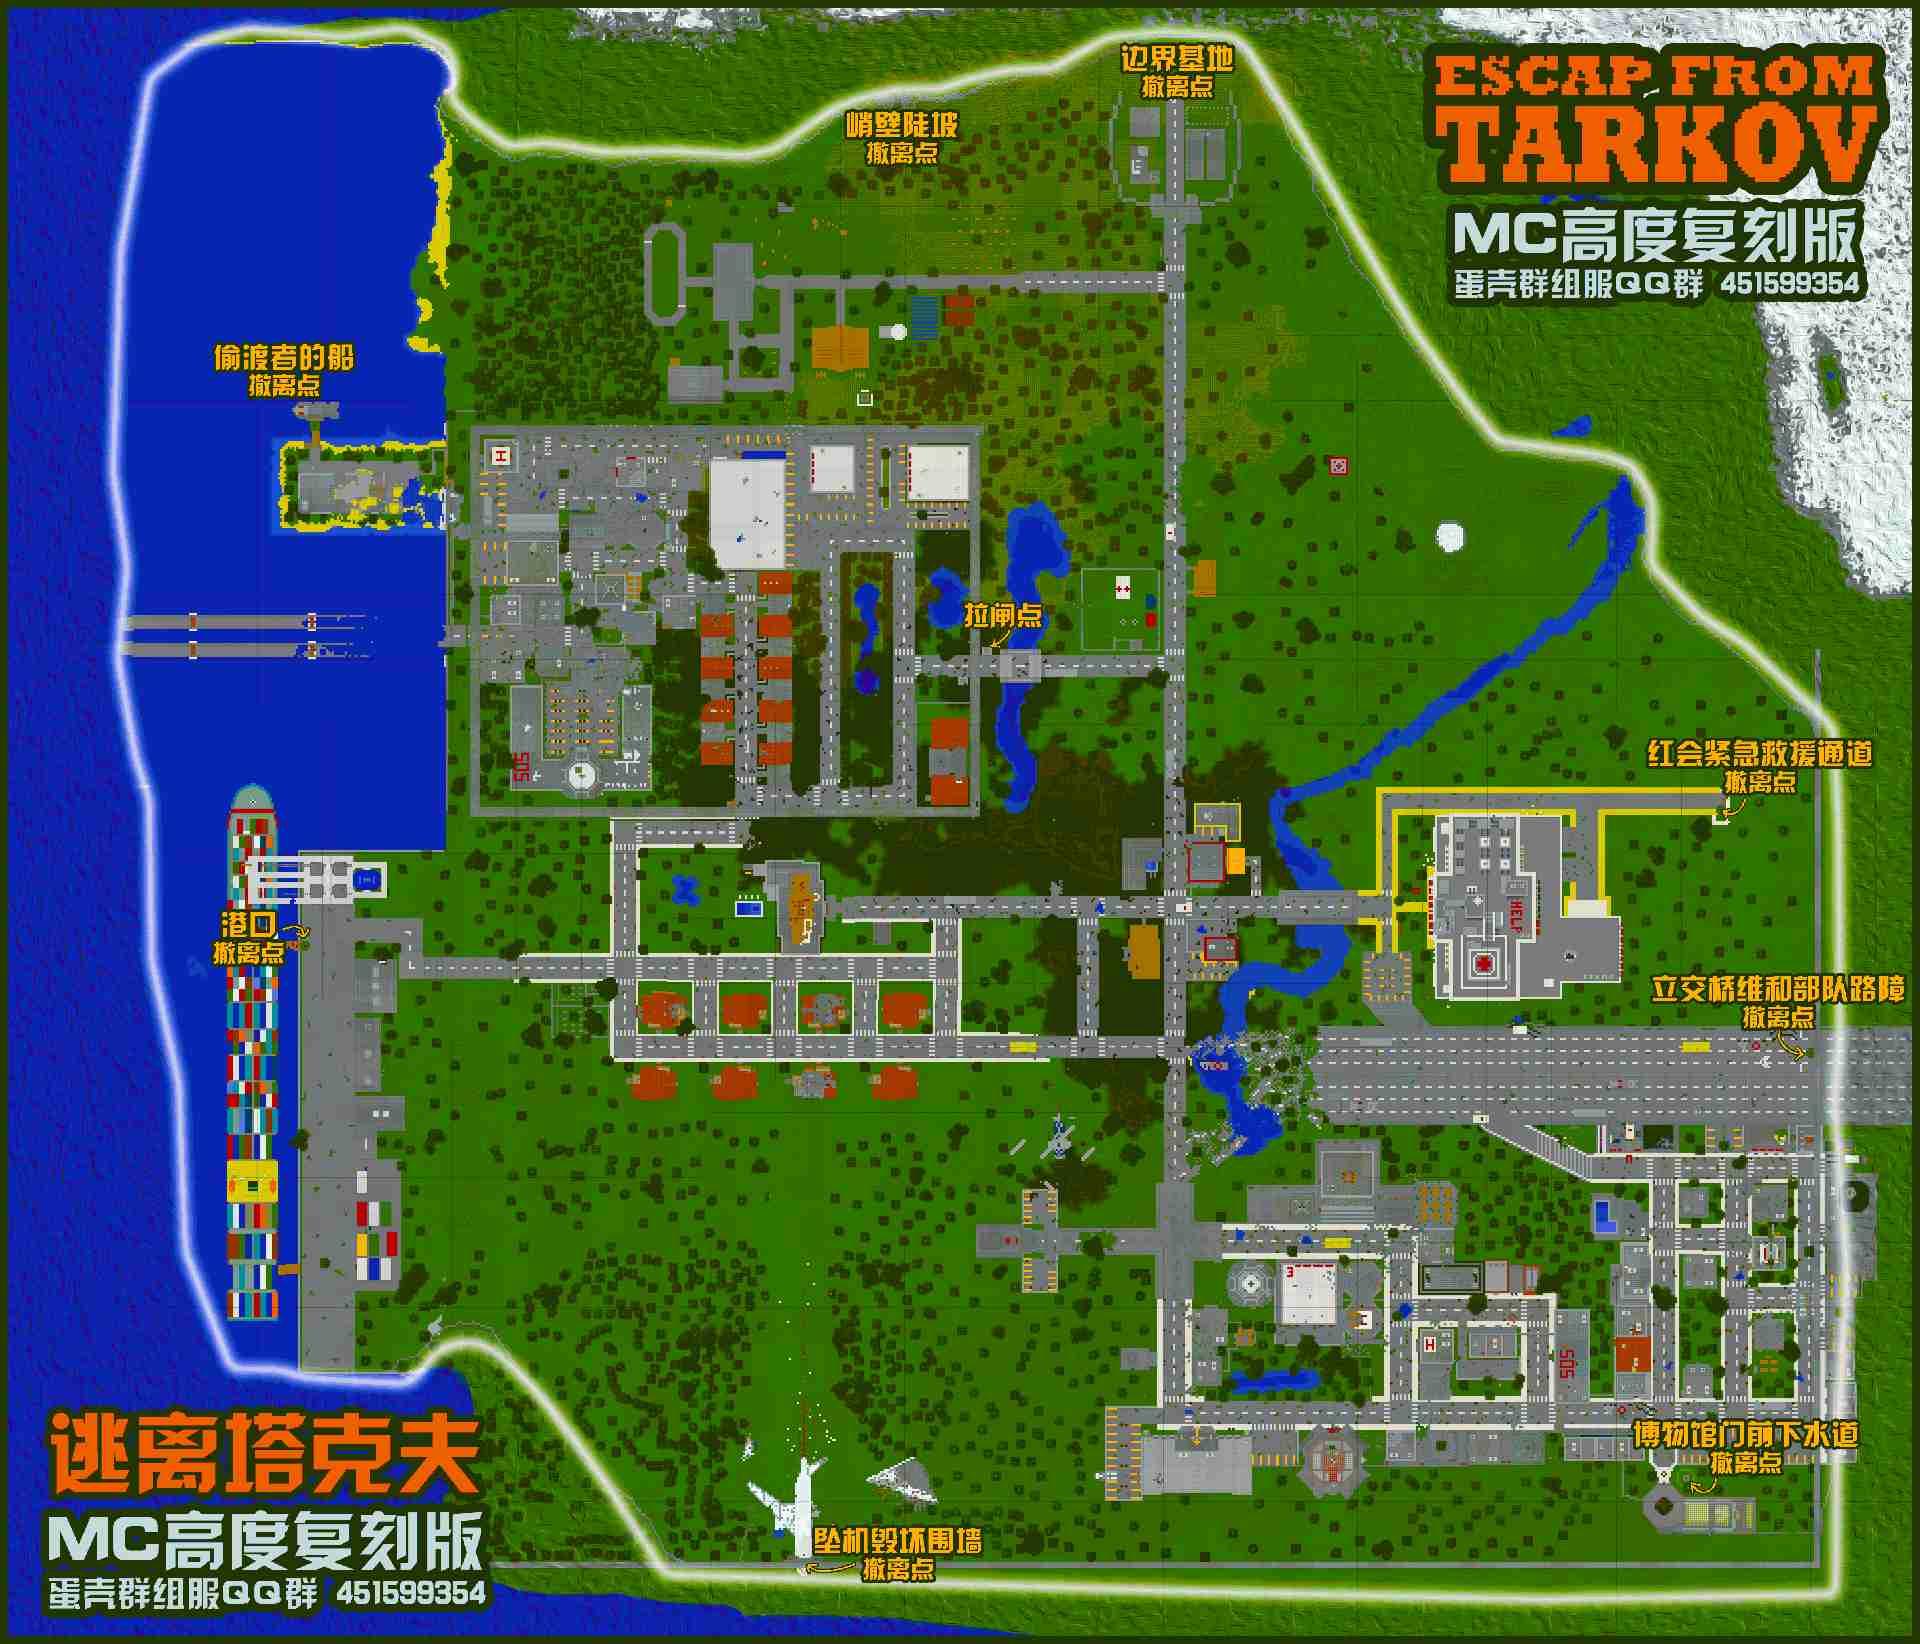 海报地图.jpg